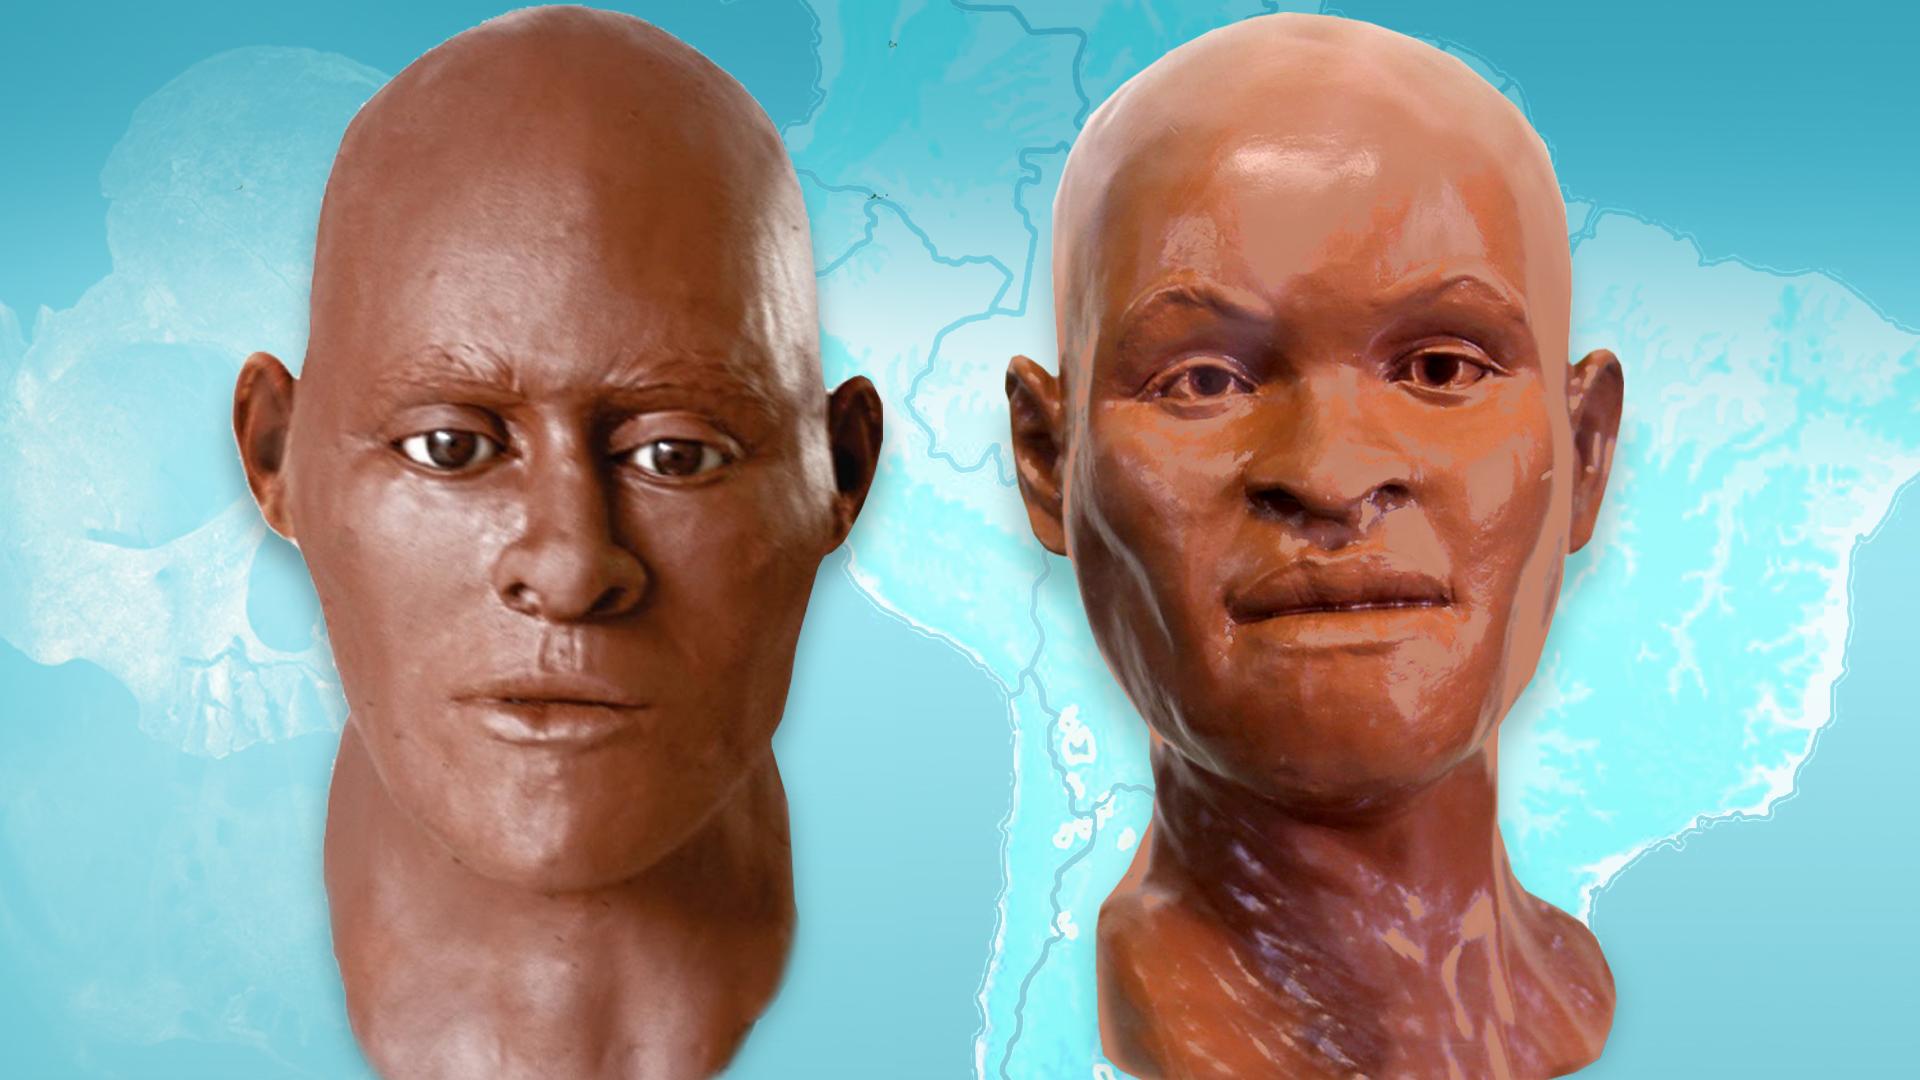 Novos dados genéticos mudam como imaginamos o povo de Lagoa Santa. À esquerda, a nova reconstrução facial do Povo de Luzia, feita a partir do crânio de um homem sepultado na Lapa do Santo. Ele tem características ameríndias comuns. À direita, a reconstrução de Luzia, com traços marcadamente africanos.